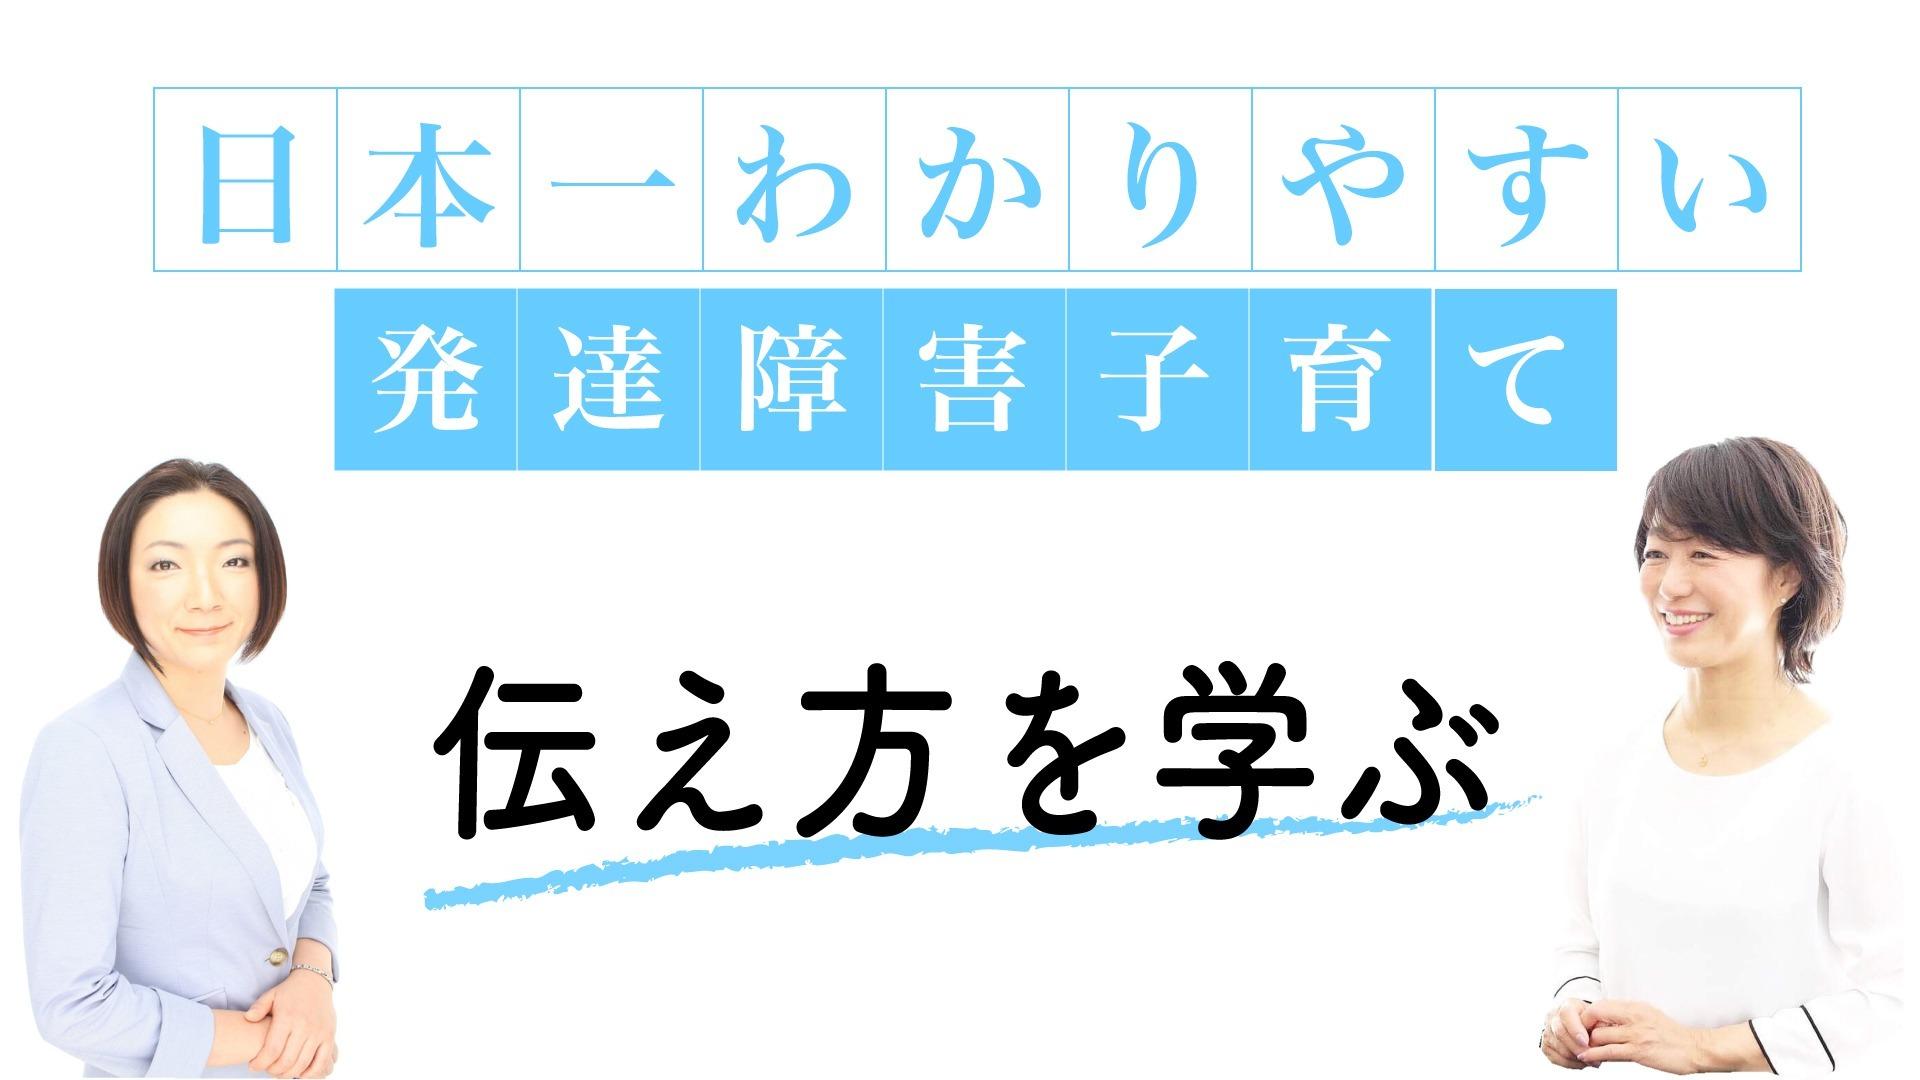 発達障害子育て 日本一わかりやすい  「伝え方」を学ぶ